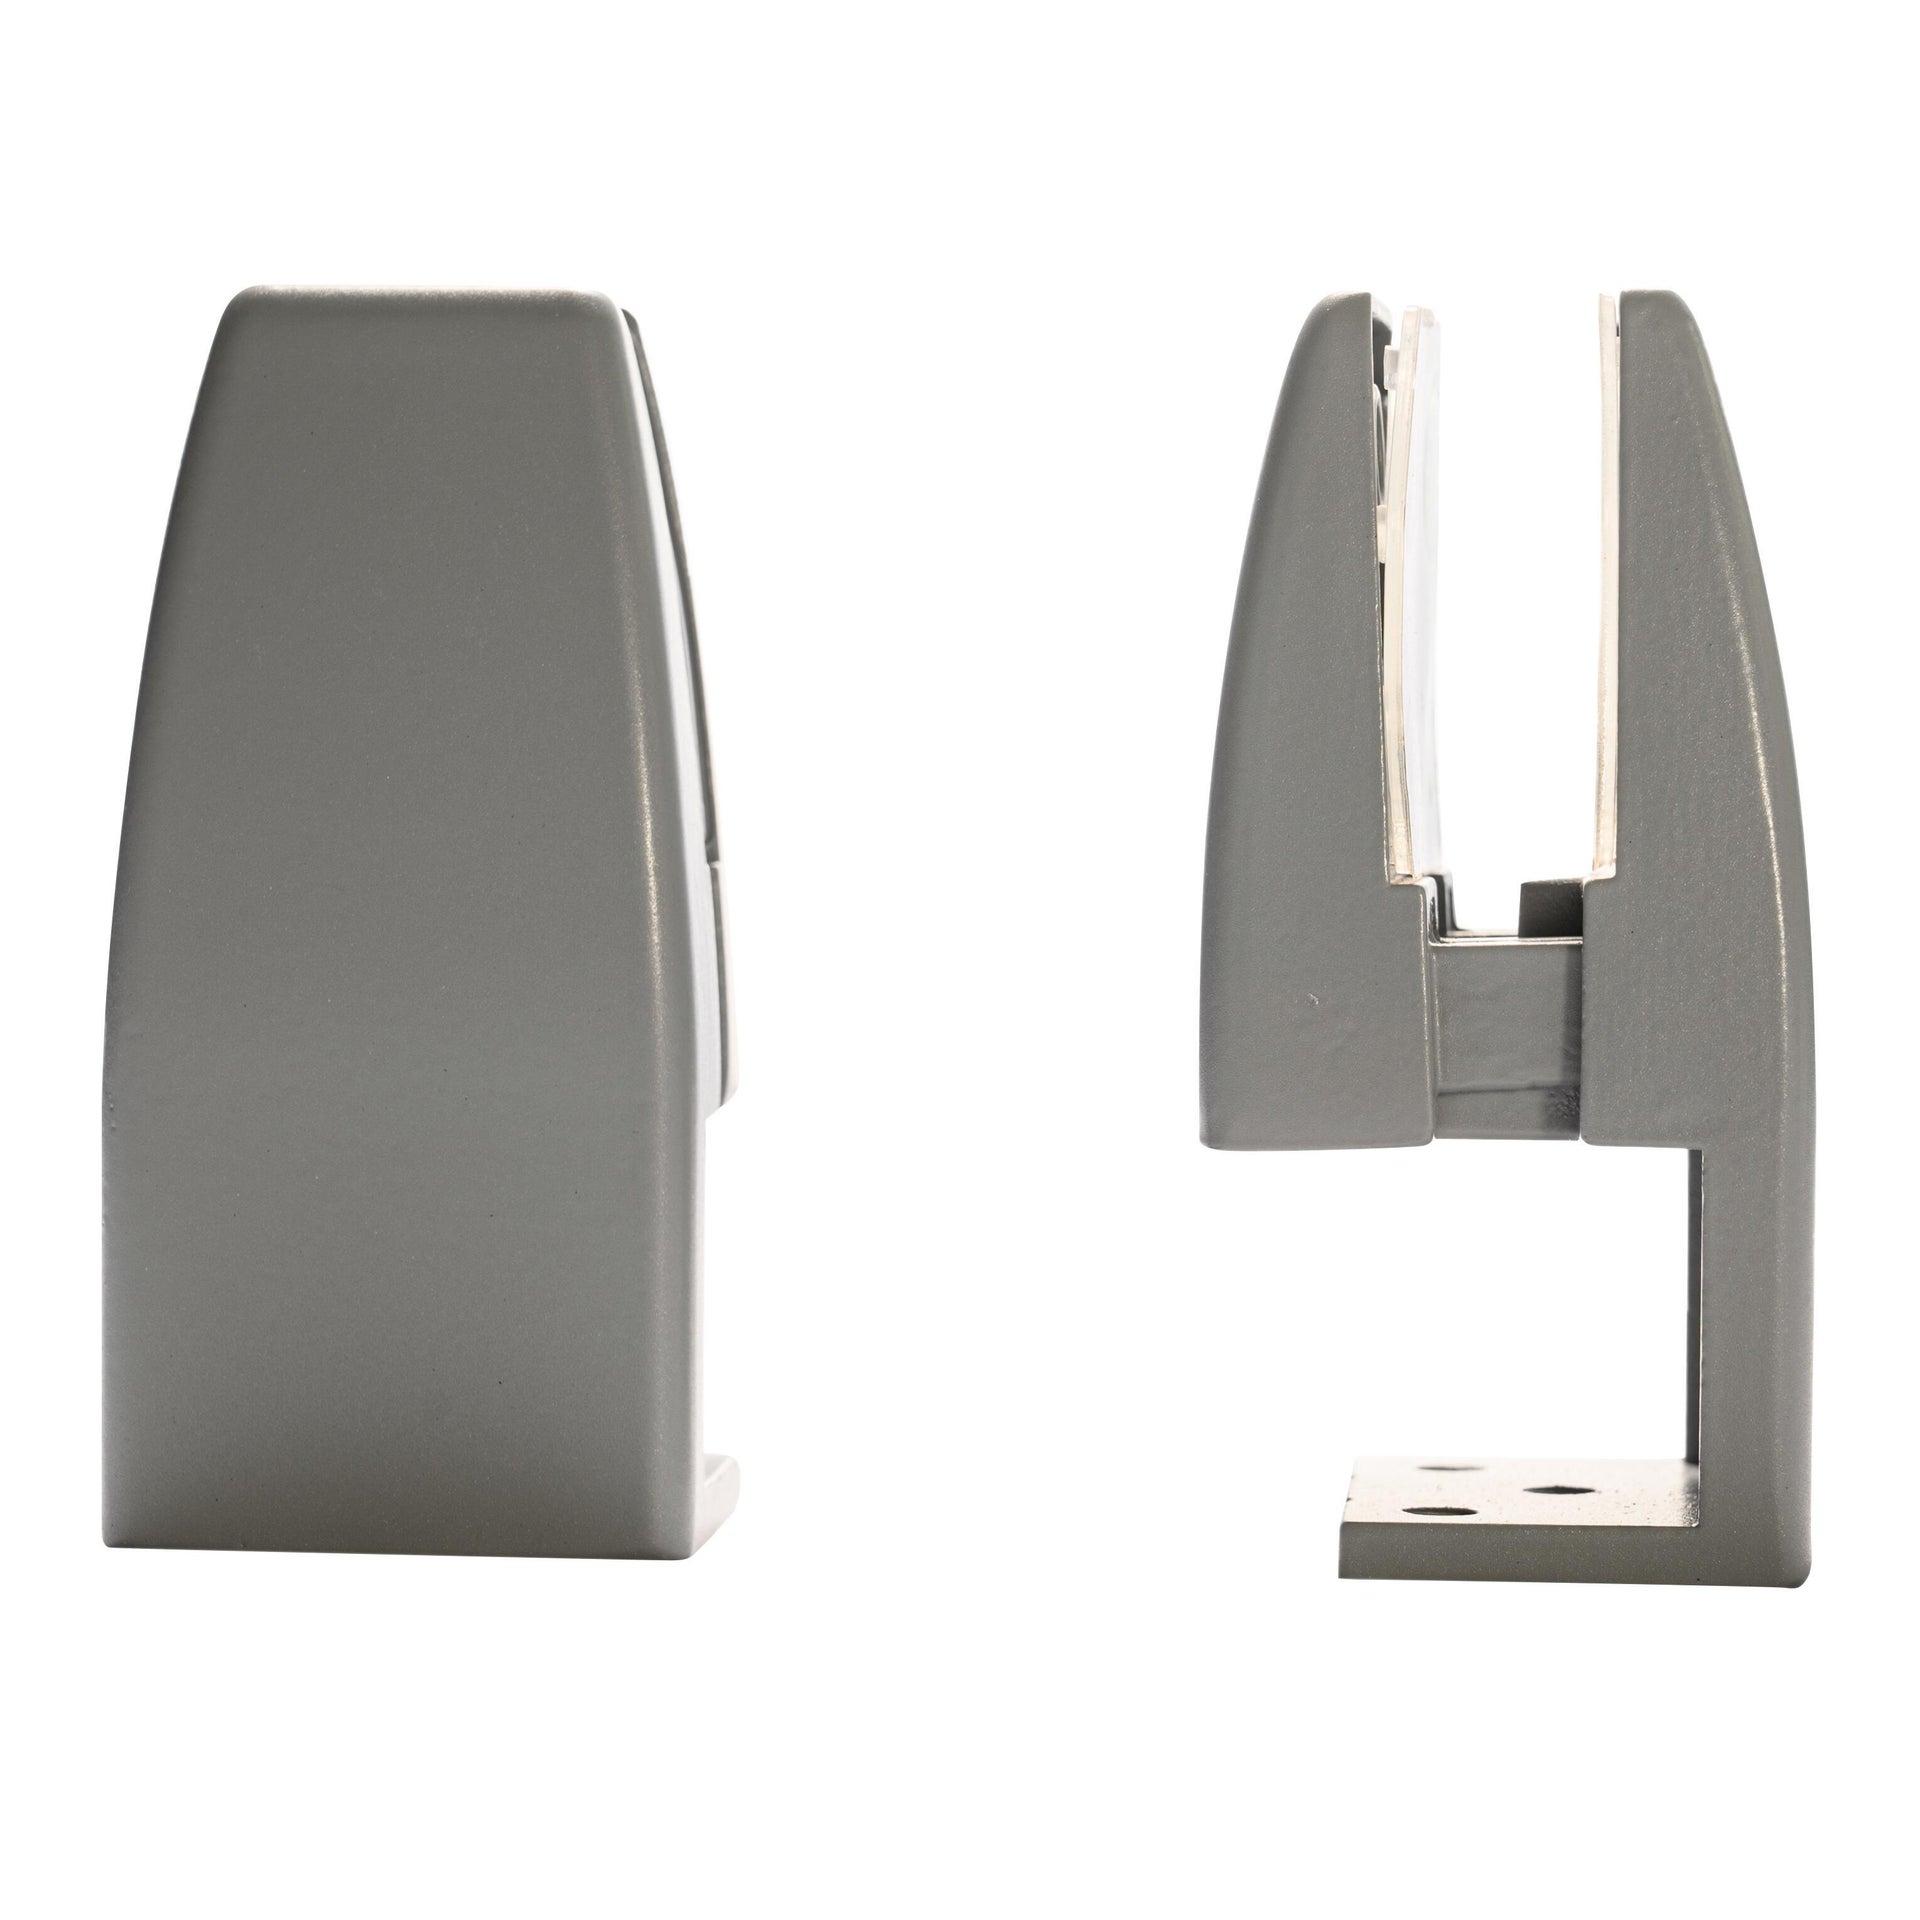 Reggimensola supporto pannelli 4-20 mm L 4 x H 9 x P 20 cm grigio / argento